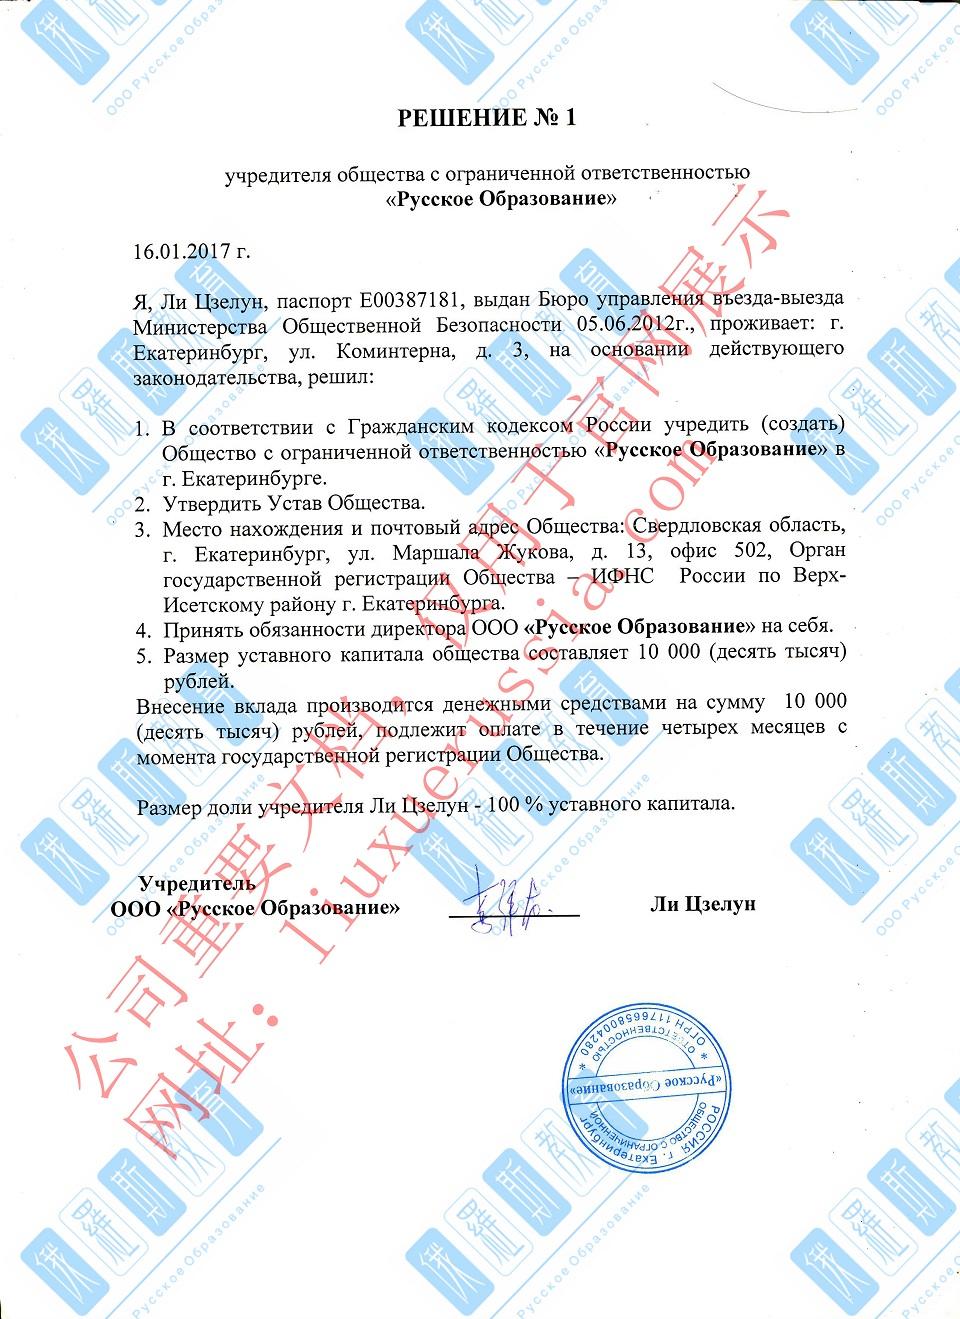 《俄罗斯教育》有限公司基本信息插图1-小狮座俄罗斯留学